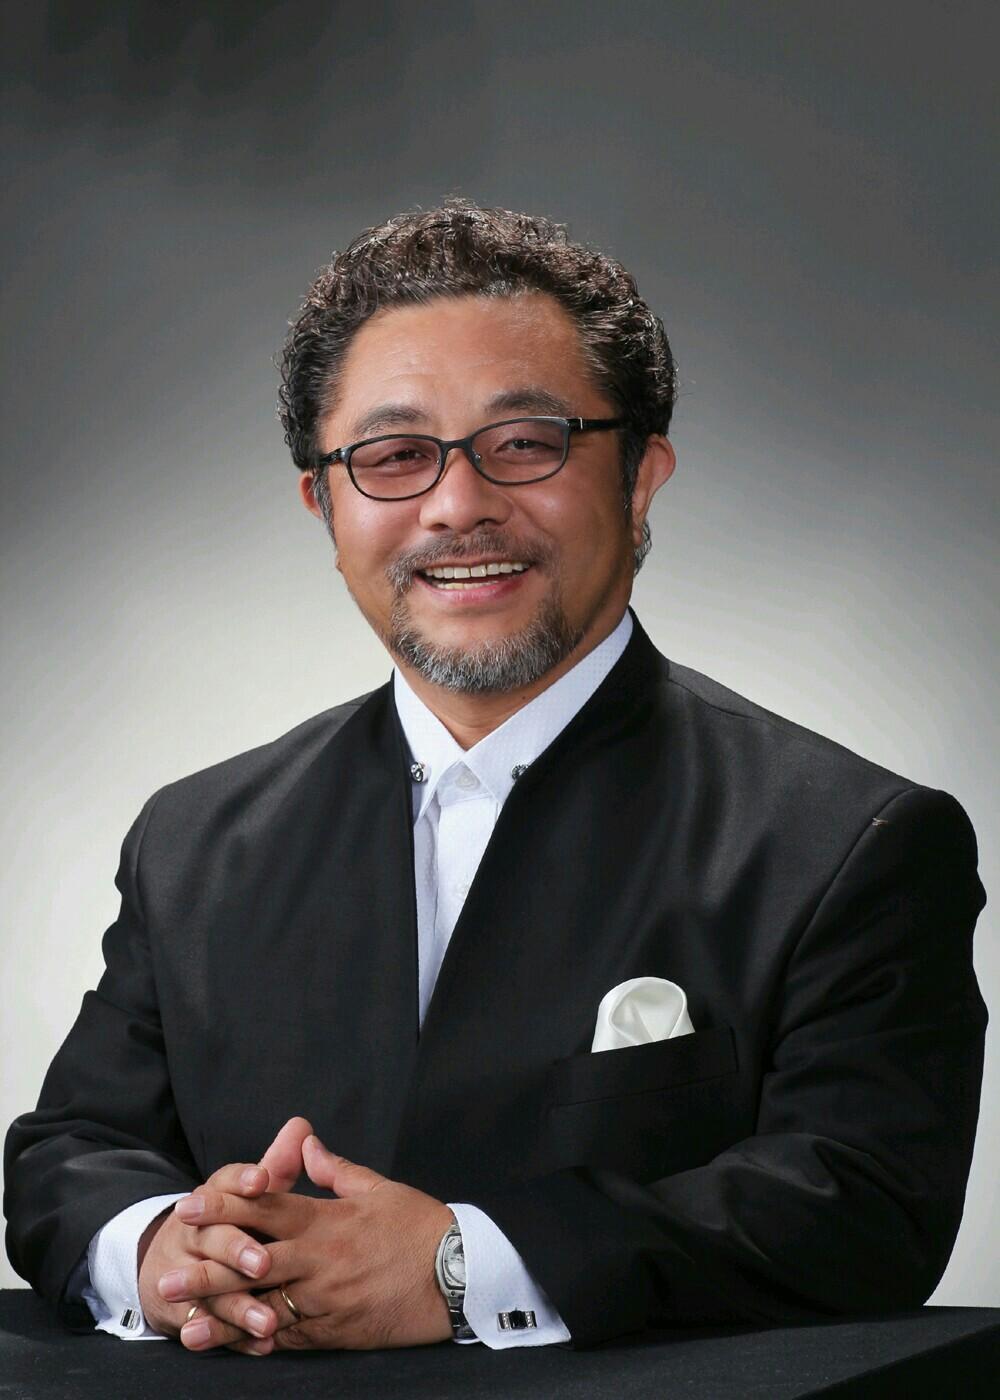 김철웅 교수 사진